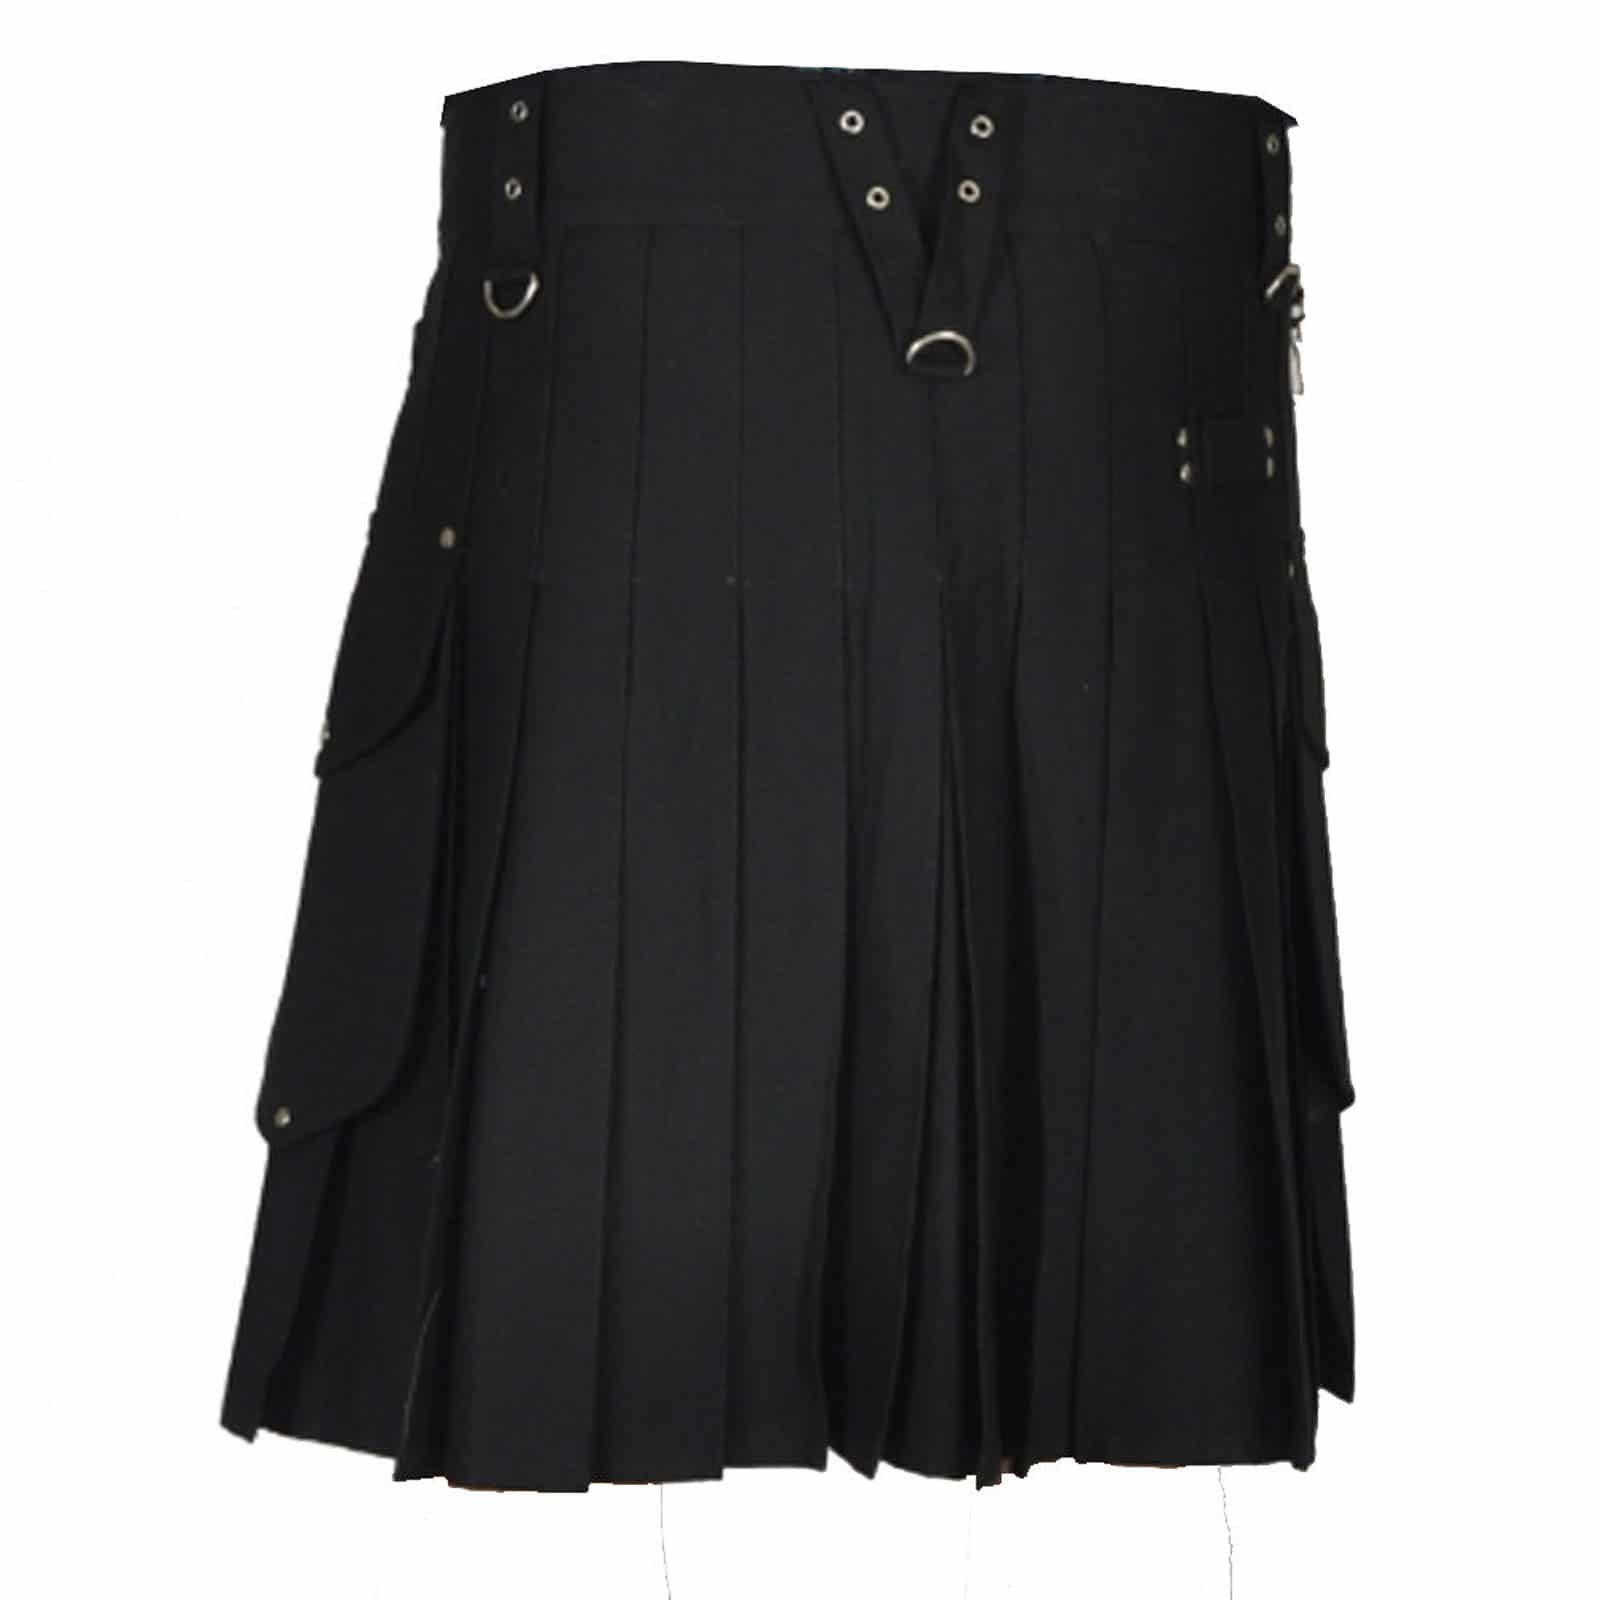 Stylish Black Utility Kilt, Utility Kilts for Men, Men Kilts, Best Mens Kilts